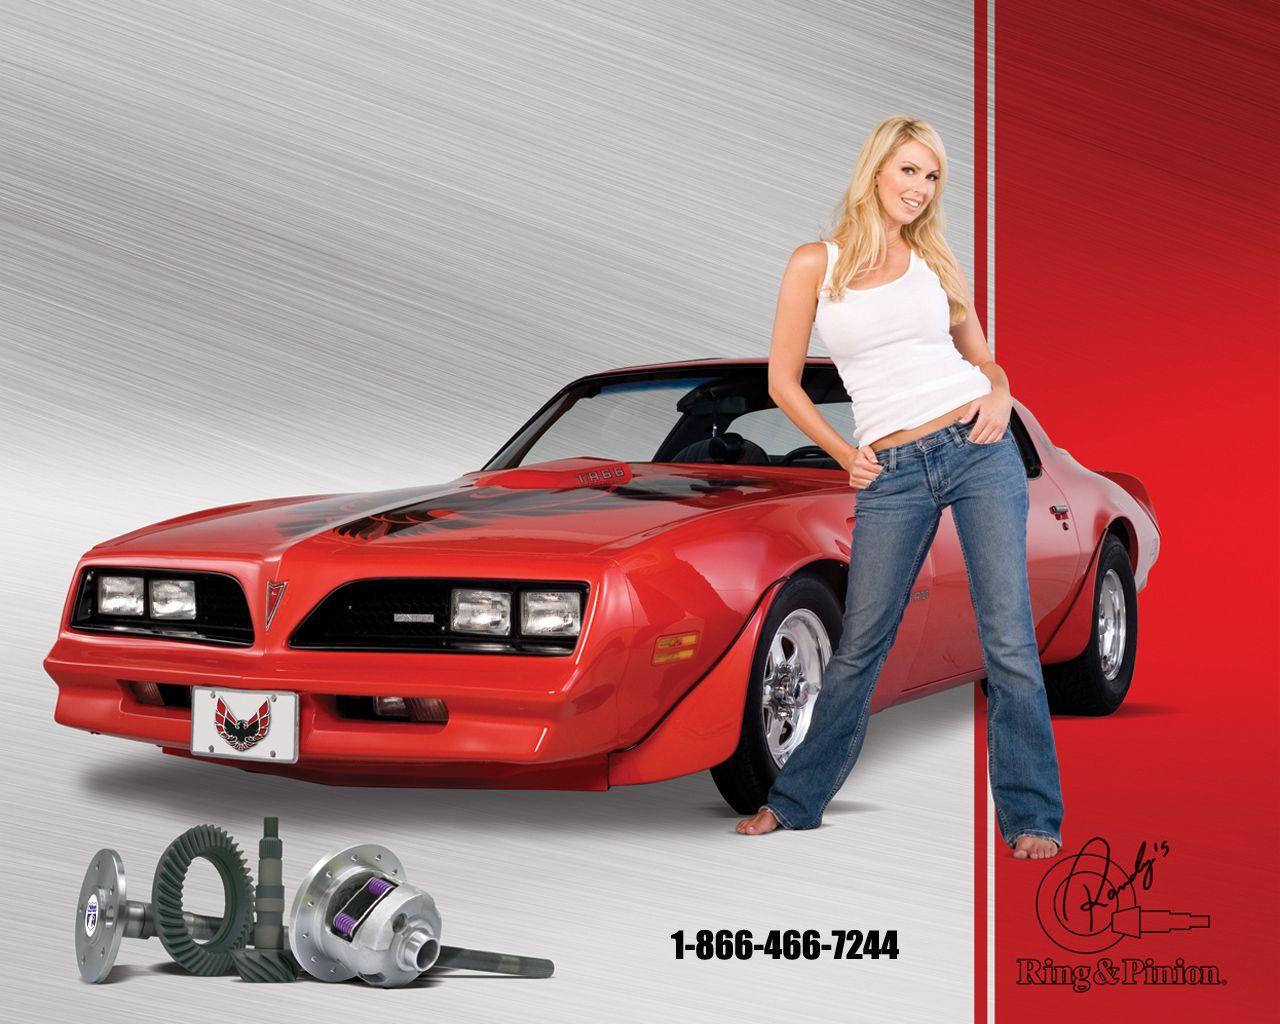 70 S Pontiac Trans Am Pontiac Firebird Pontiac Blonde Model